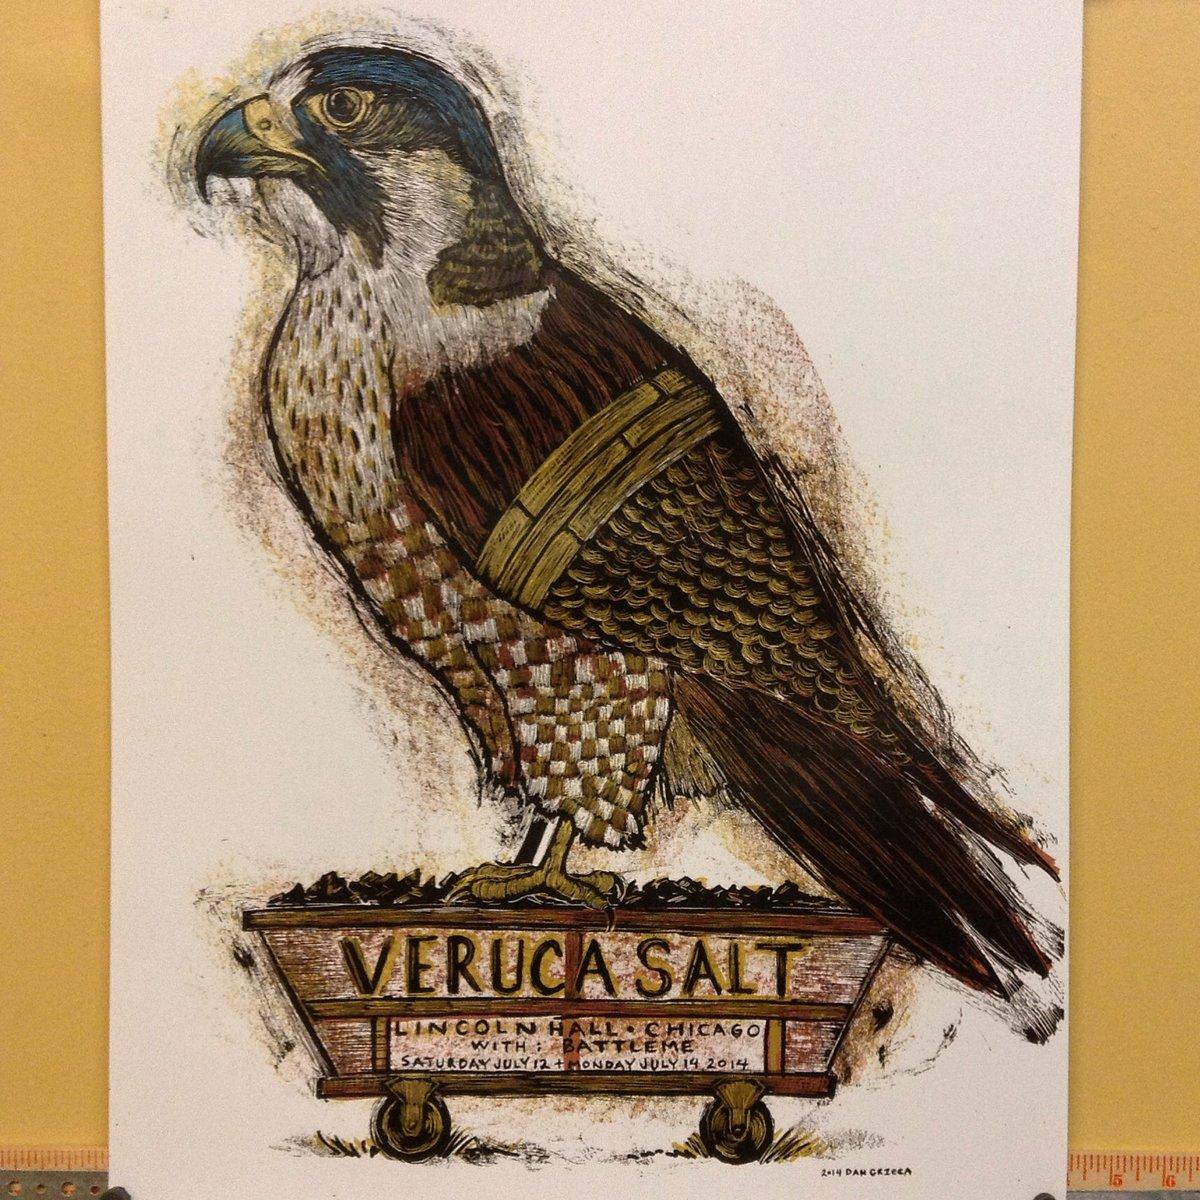 Veruca Salt Chicago posters